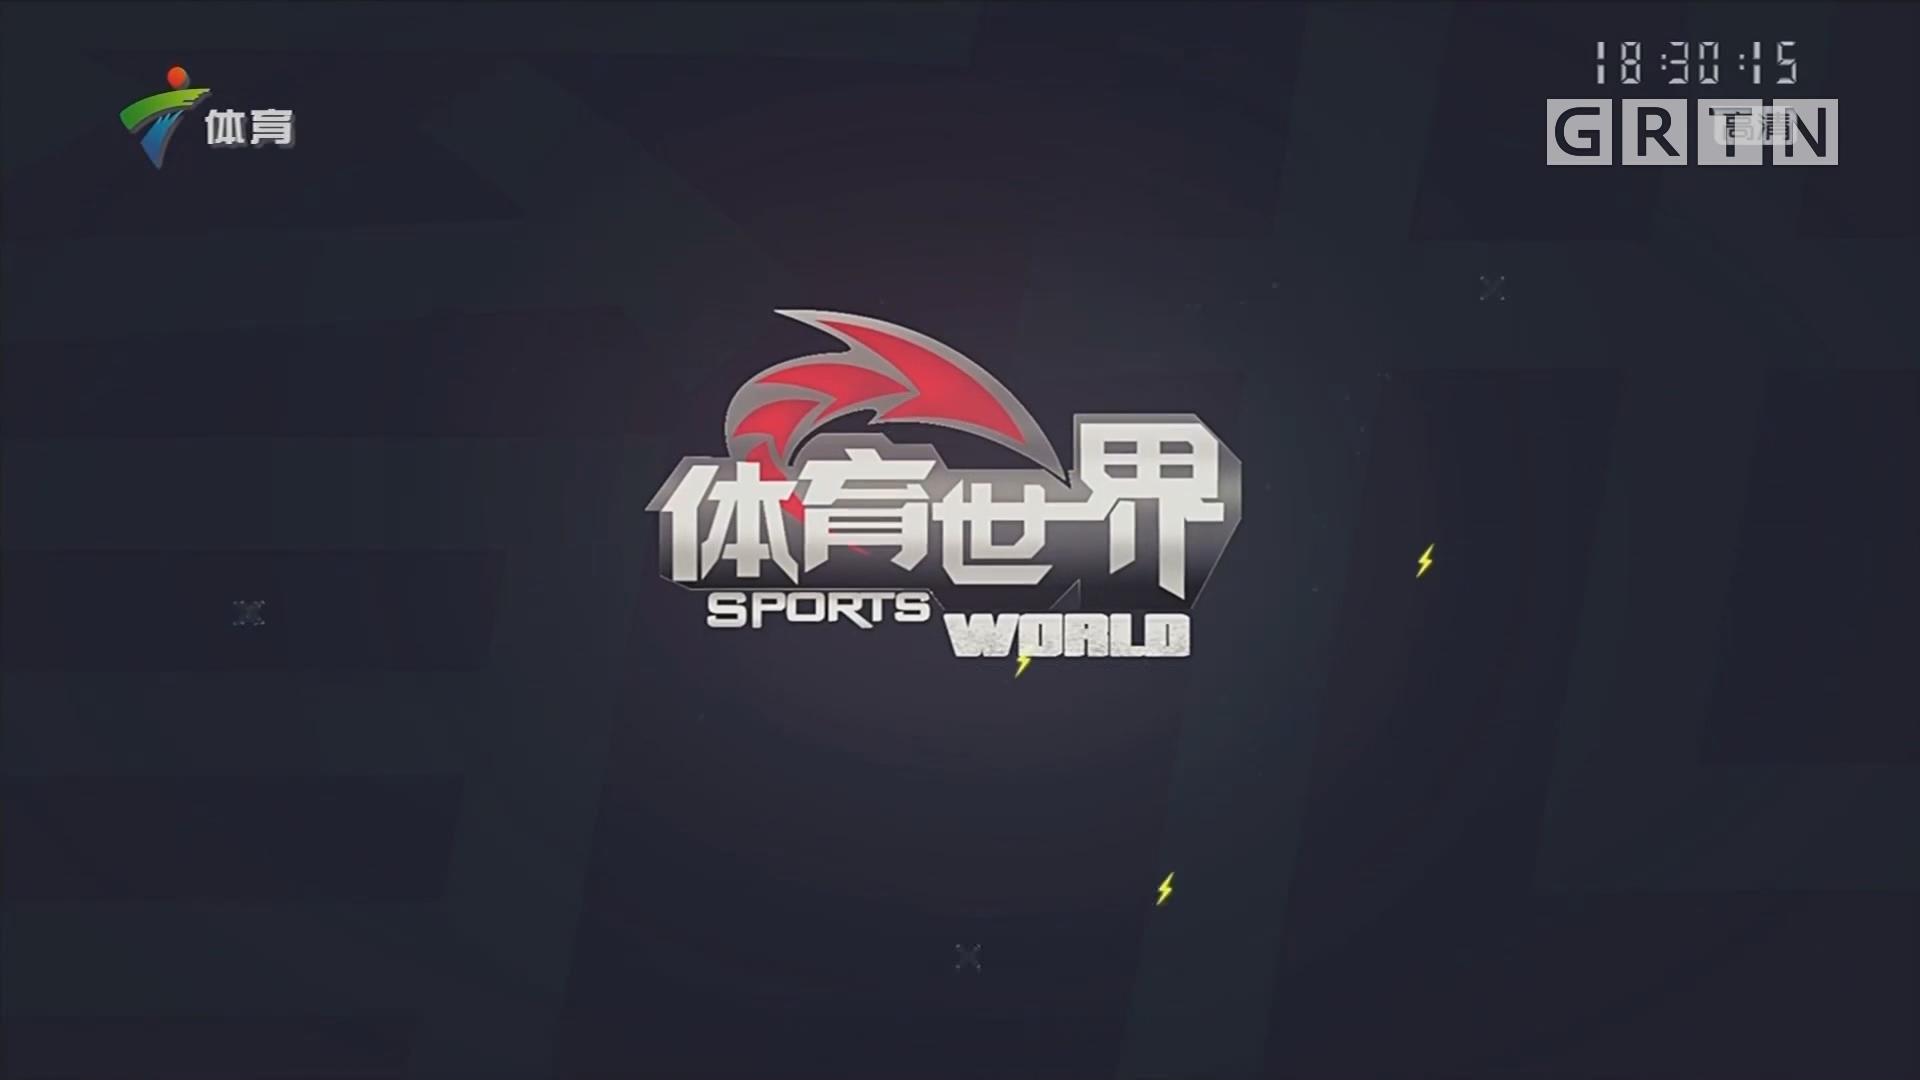 """[HD][2018-11-17]体育世界:""""金标""""广马智拒 """"替跑、蹭跑"""""""